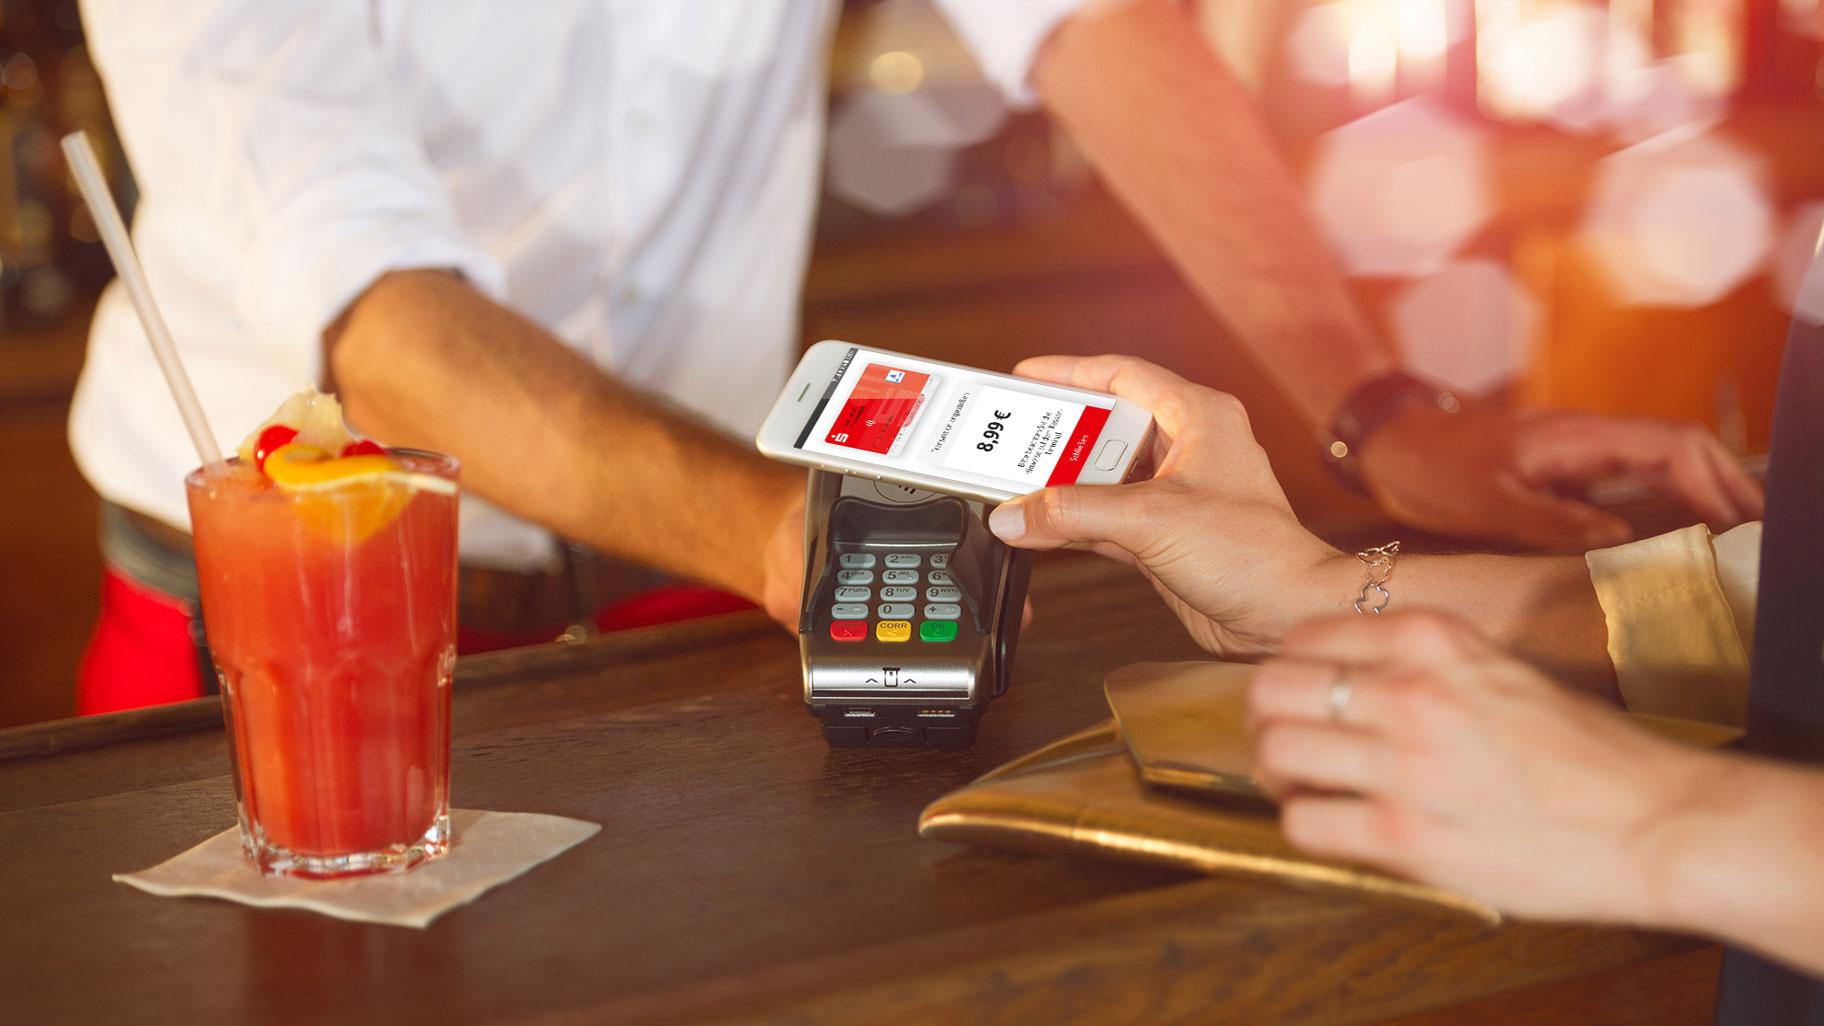 Apple Pay: Erste Sparkassen-Kunden können bereits Karte hinterlegen